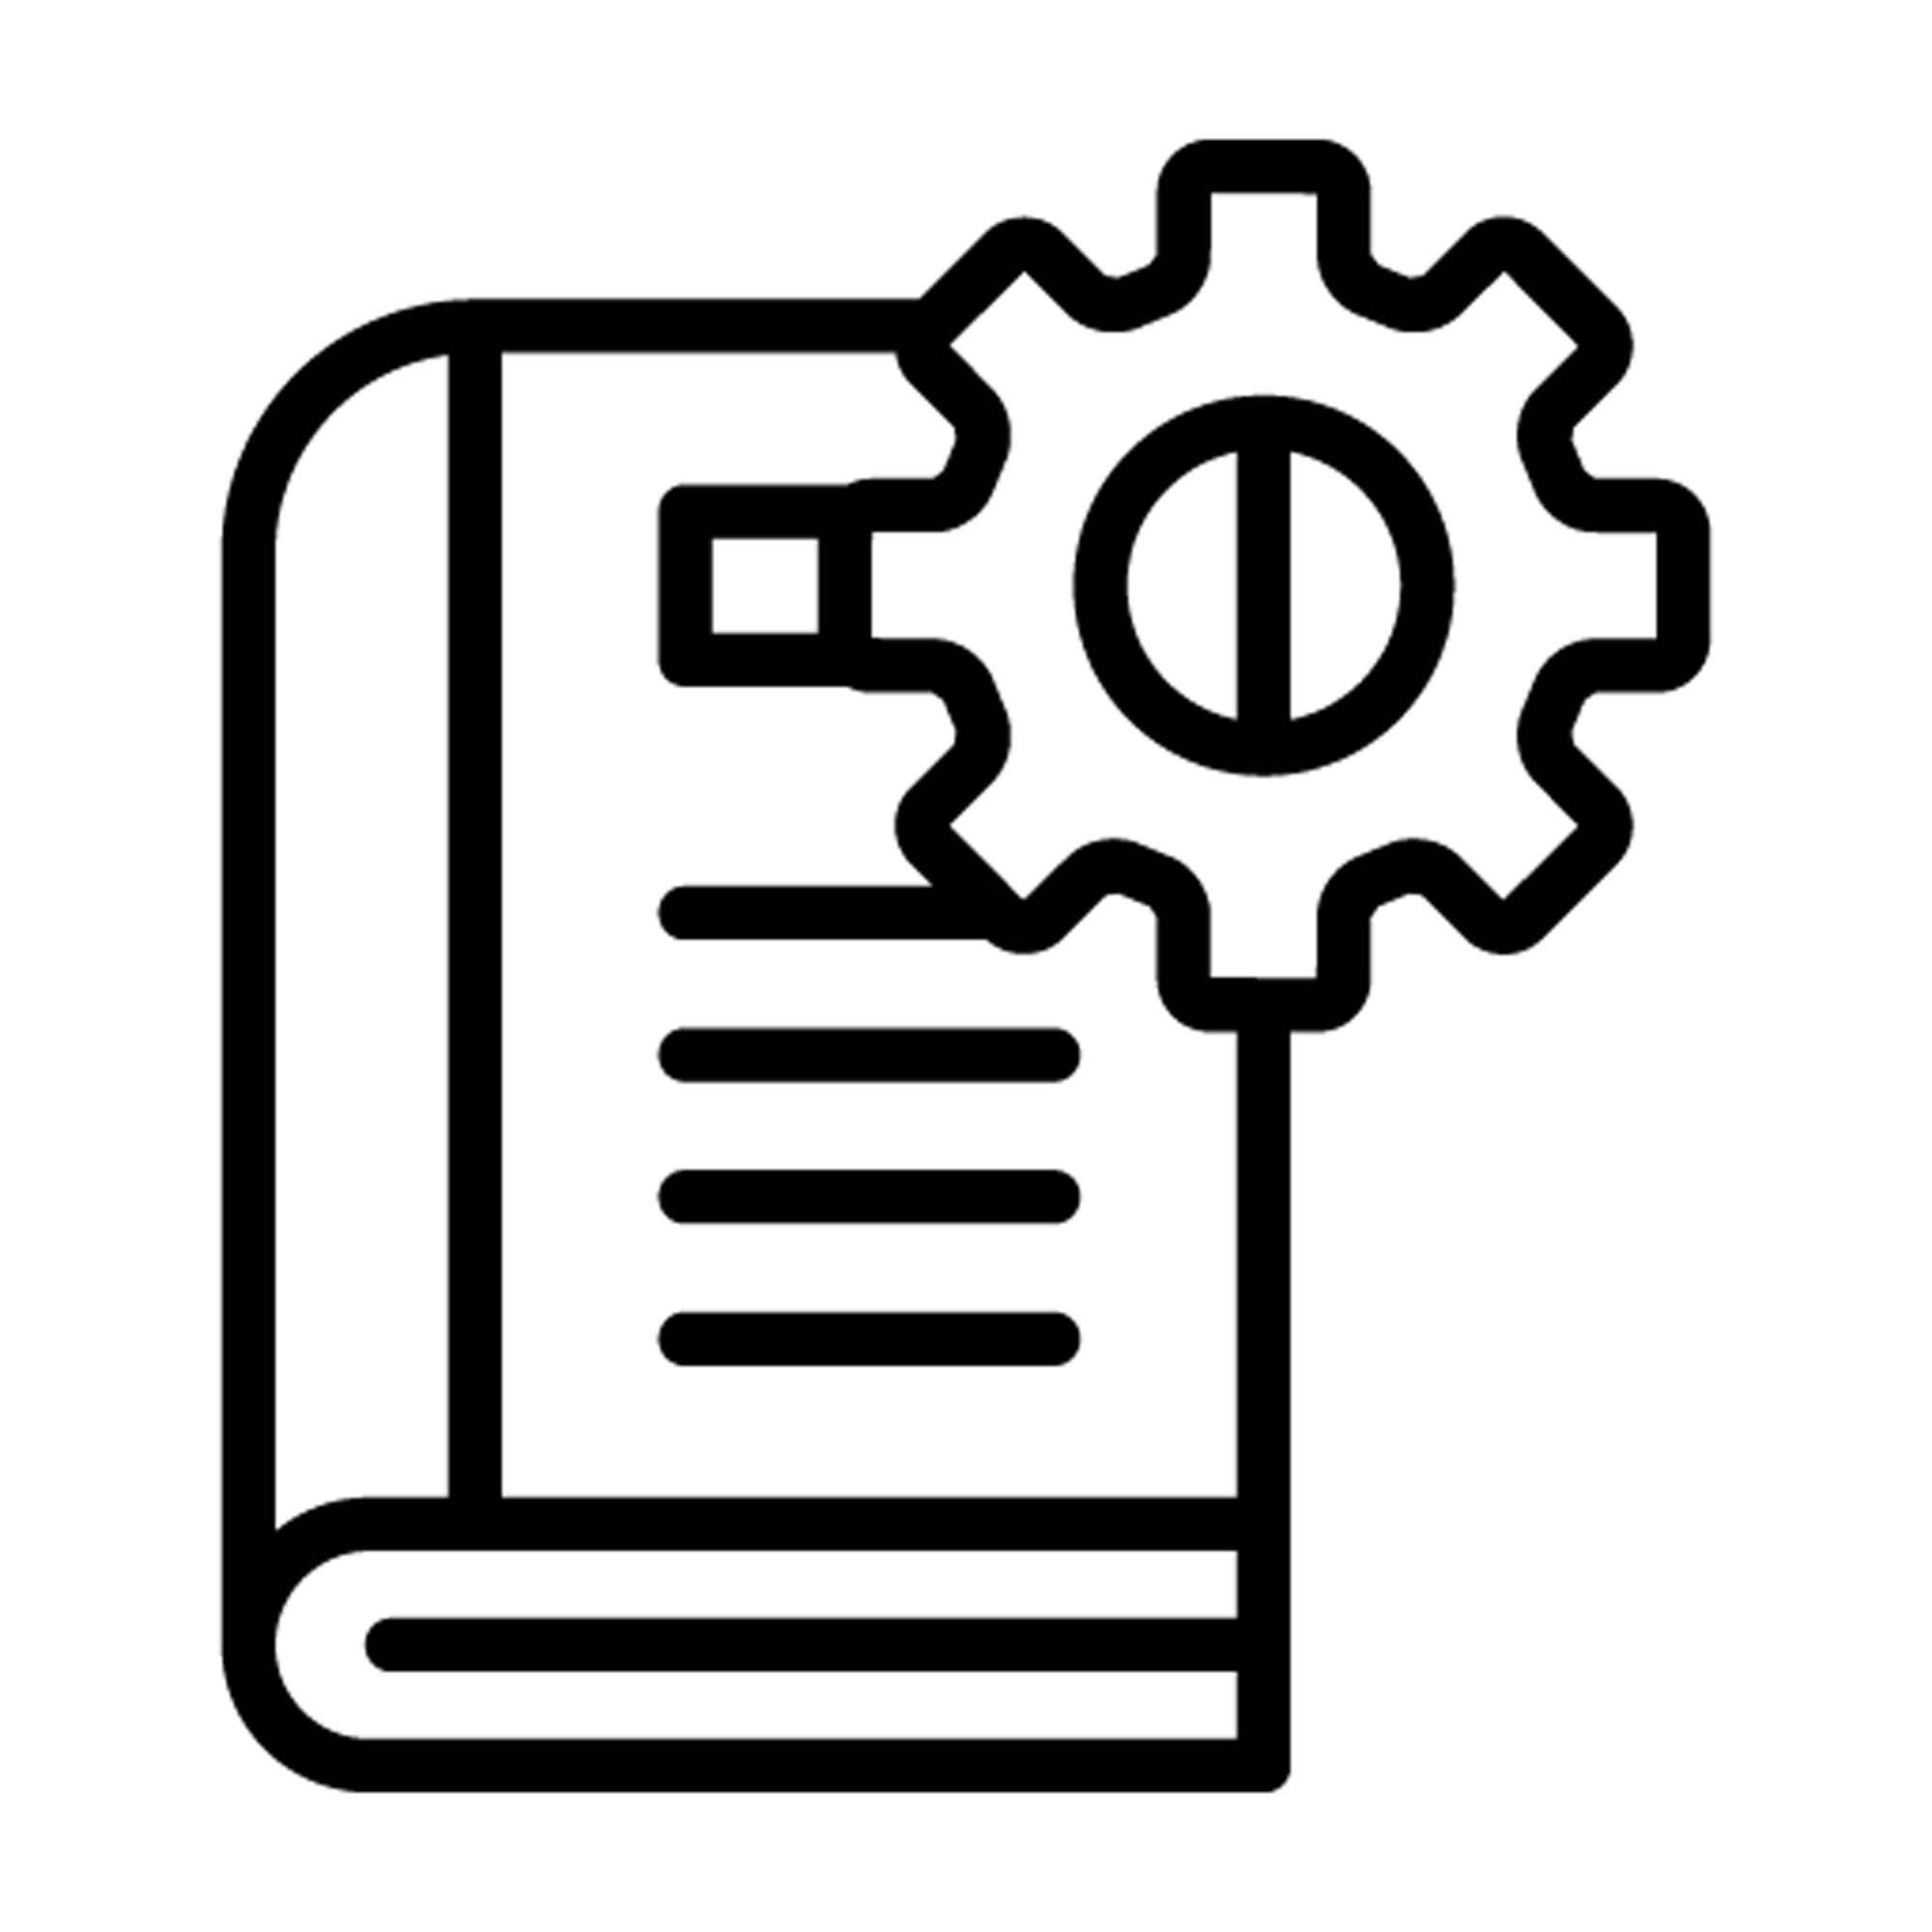 Branding guide image